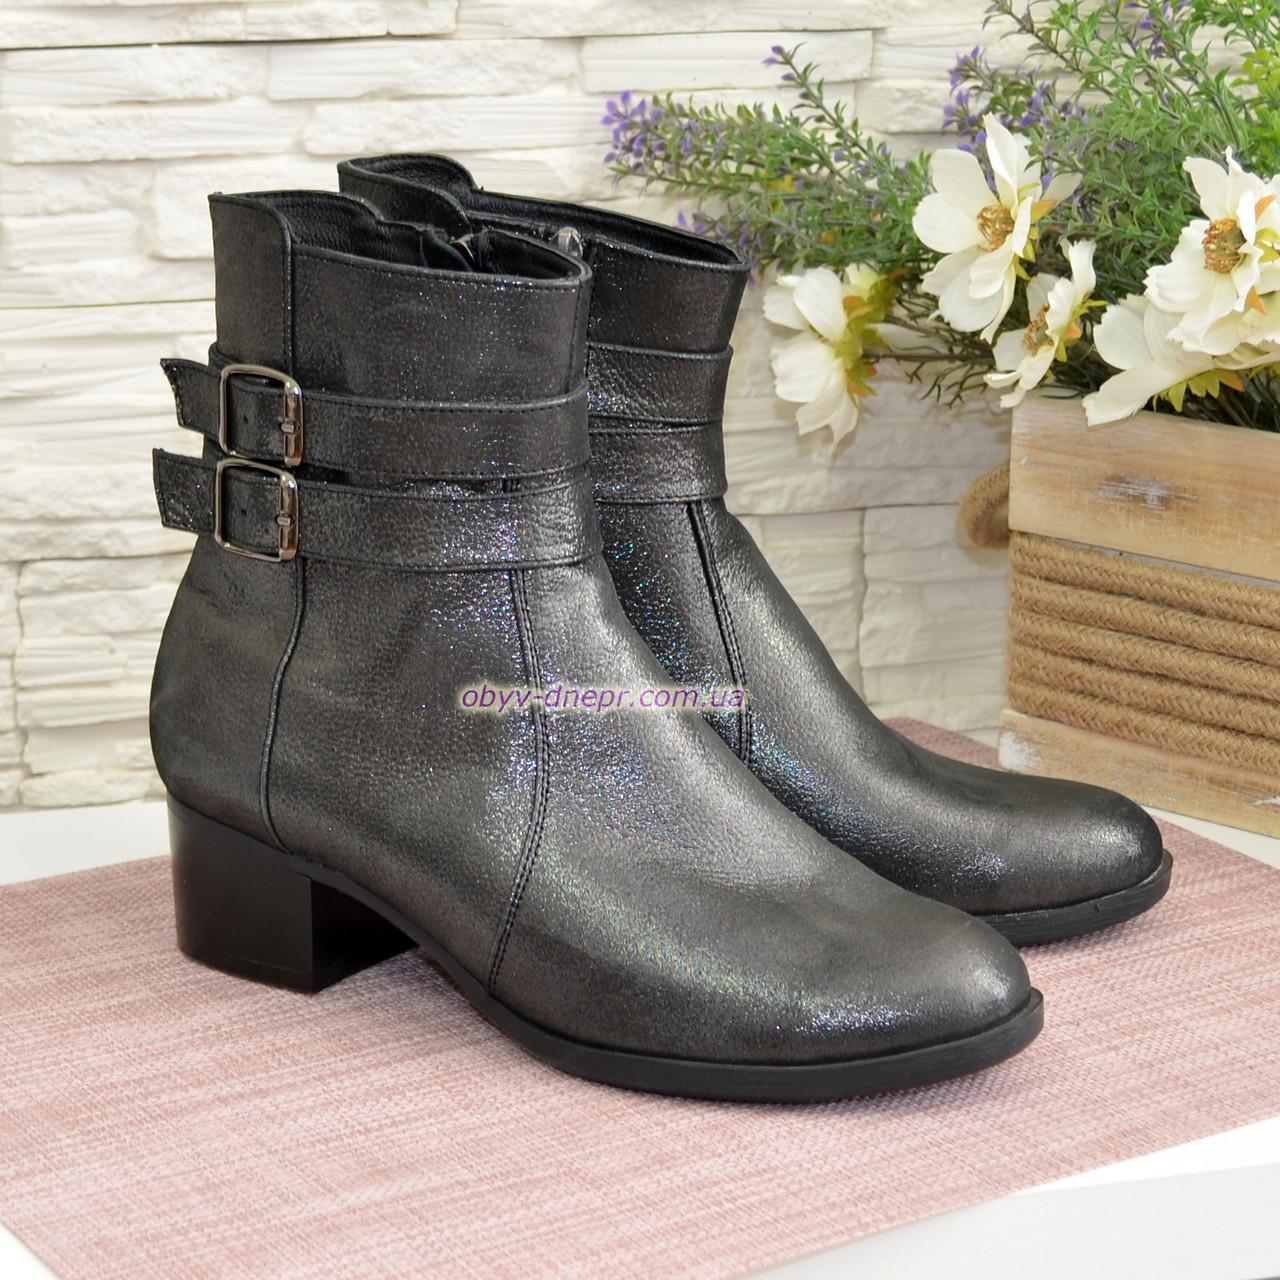 Ботинки кожаные демисезонные на невысоком каблуке, декорированы ремешками